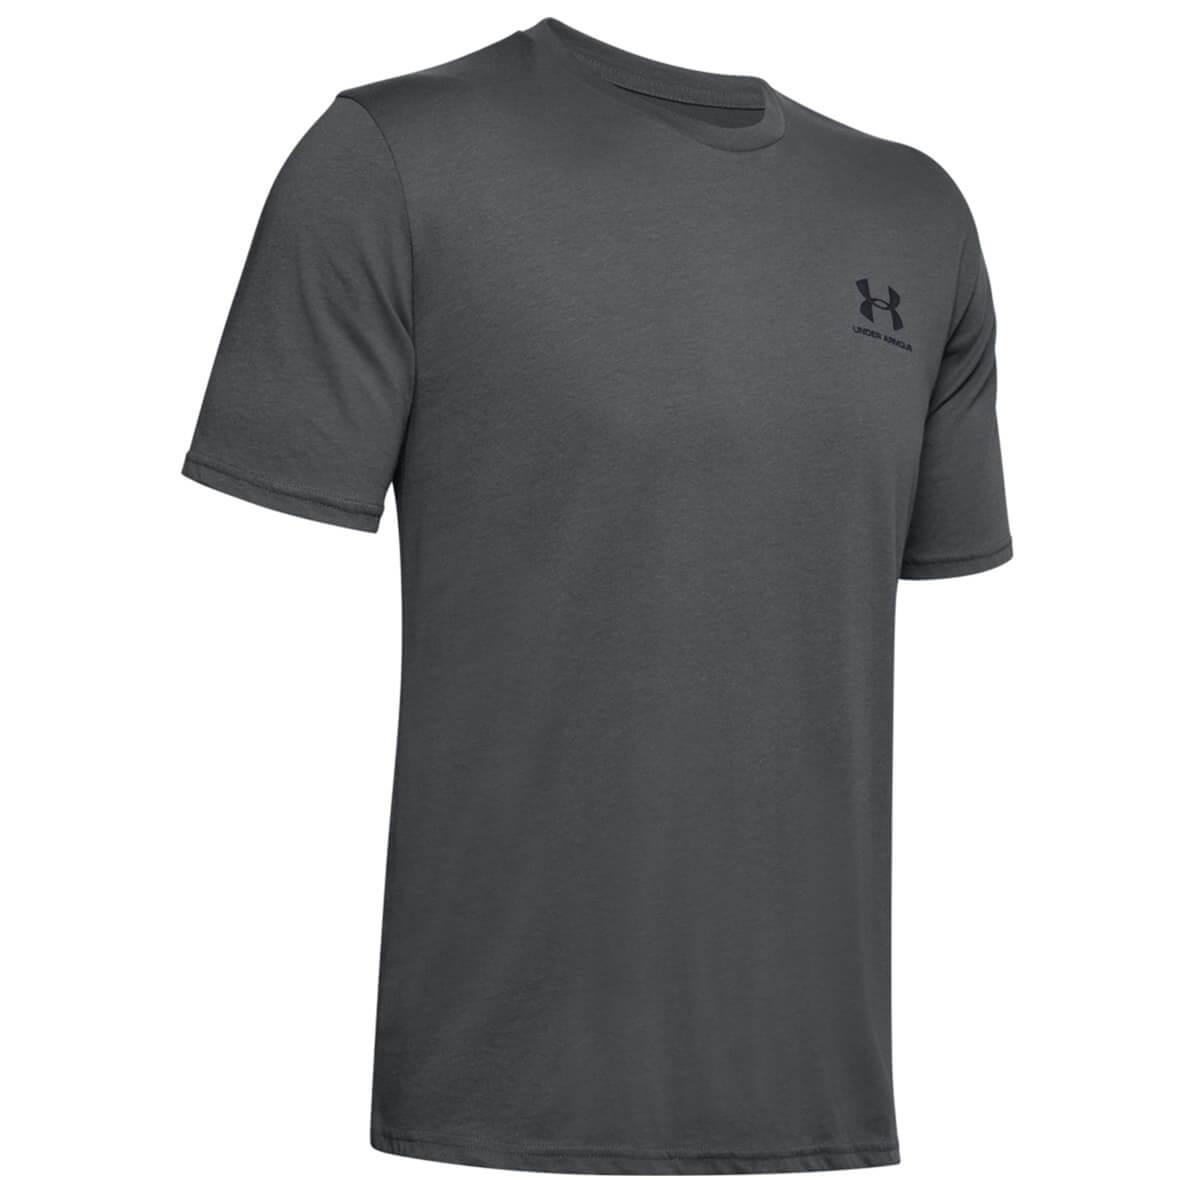 Detalles de Under Armour Hombres 2020 quien pecho izquierdo logo UA acusado algodón camiseta ver título original